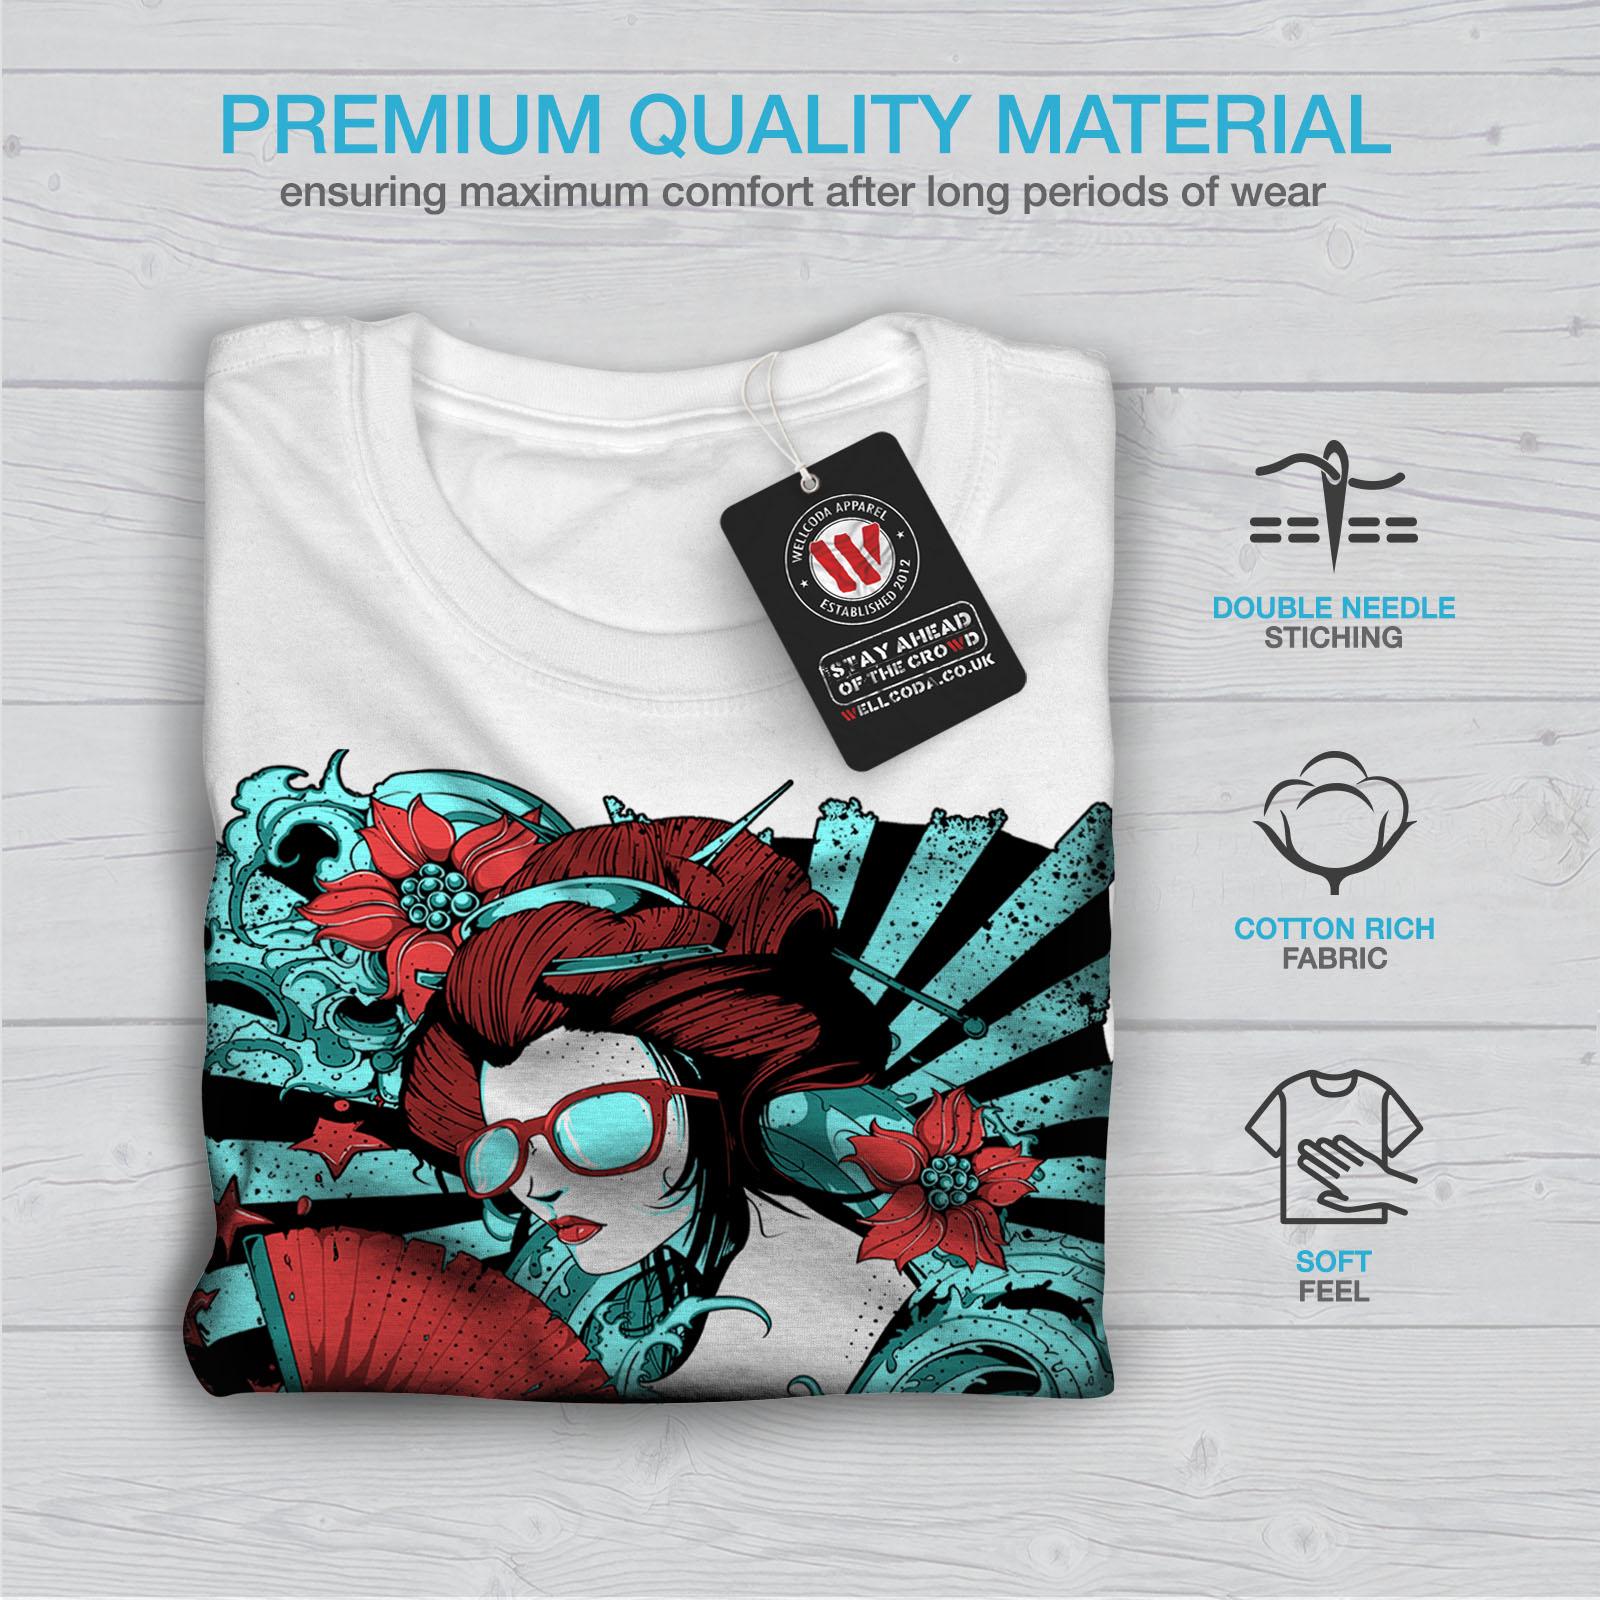 Wellcoda GEISHA FASHION FANTASY Da Uomo T-shirt Retrò Design Grafico Stampato T-shirt